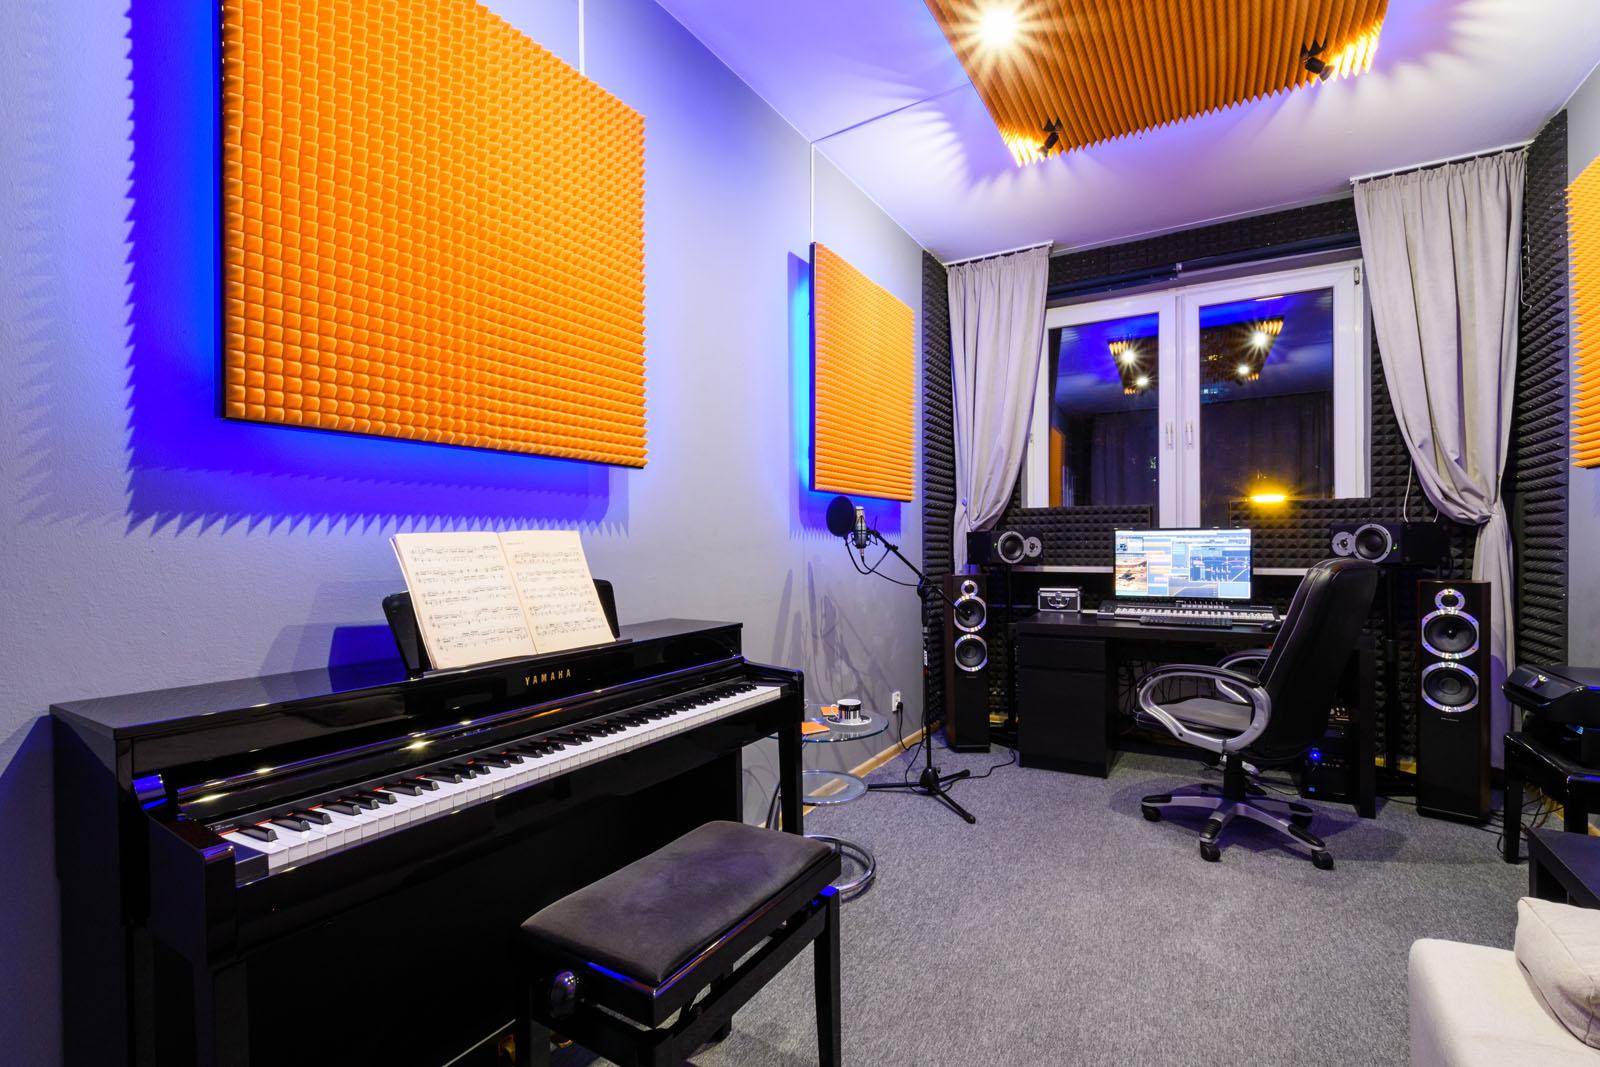 Turalski Studio